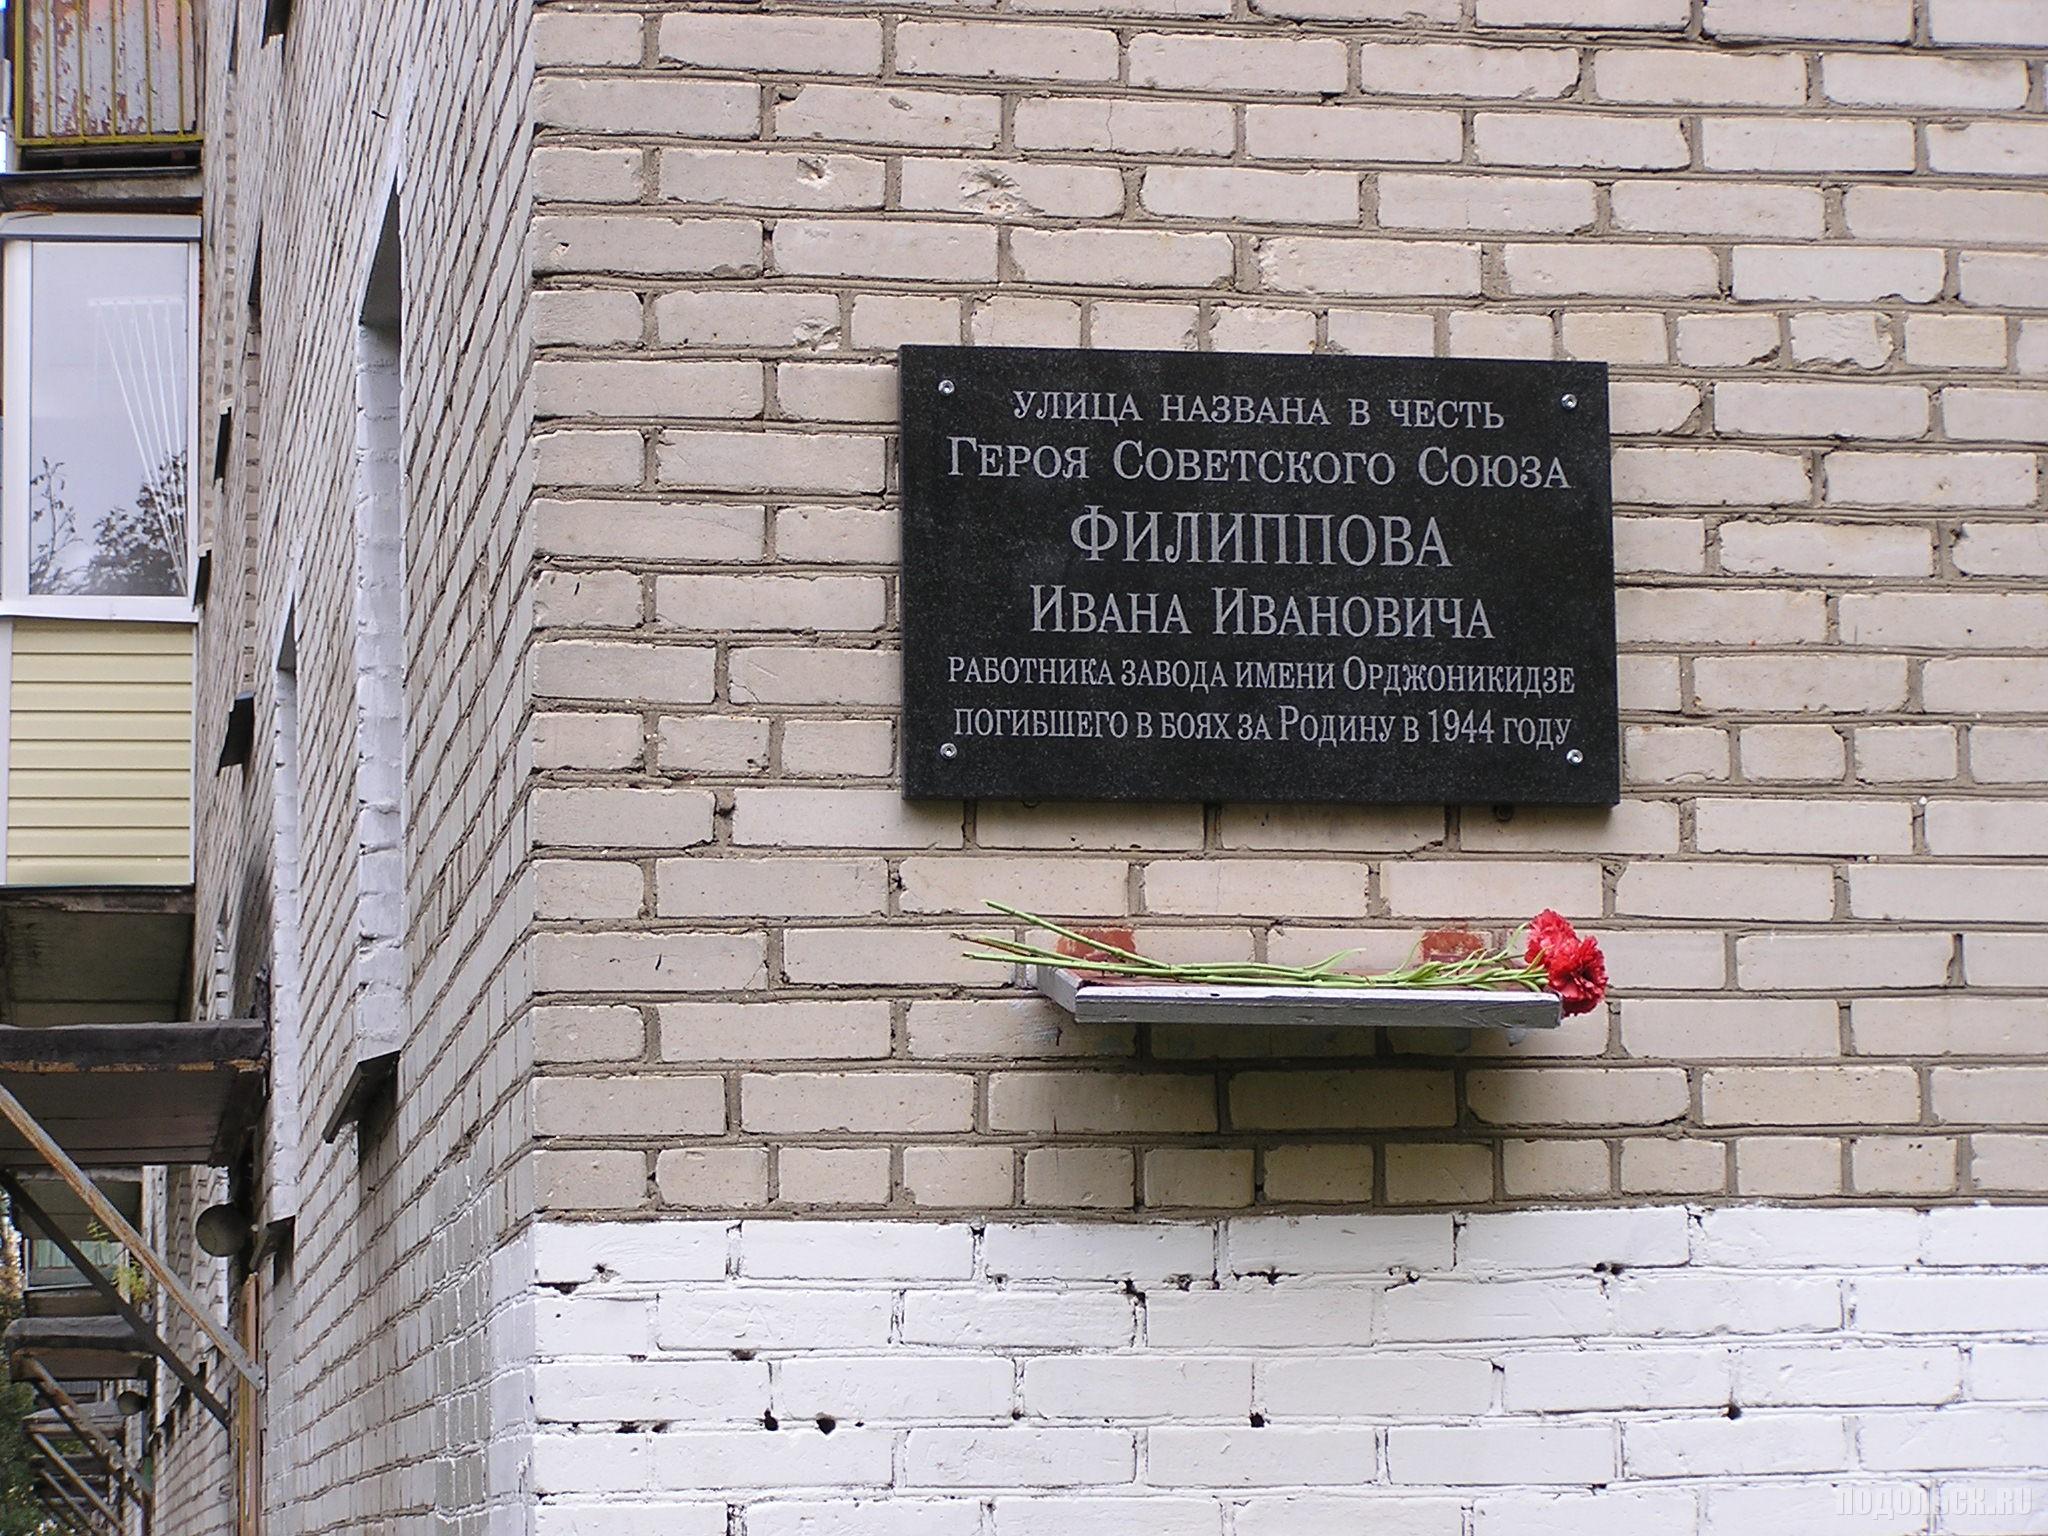 Мемориальная доска в честь И.И. Филиппова. Улица Филиппова, 8. 17 октября 2015 г.